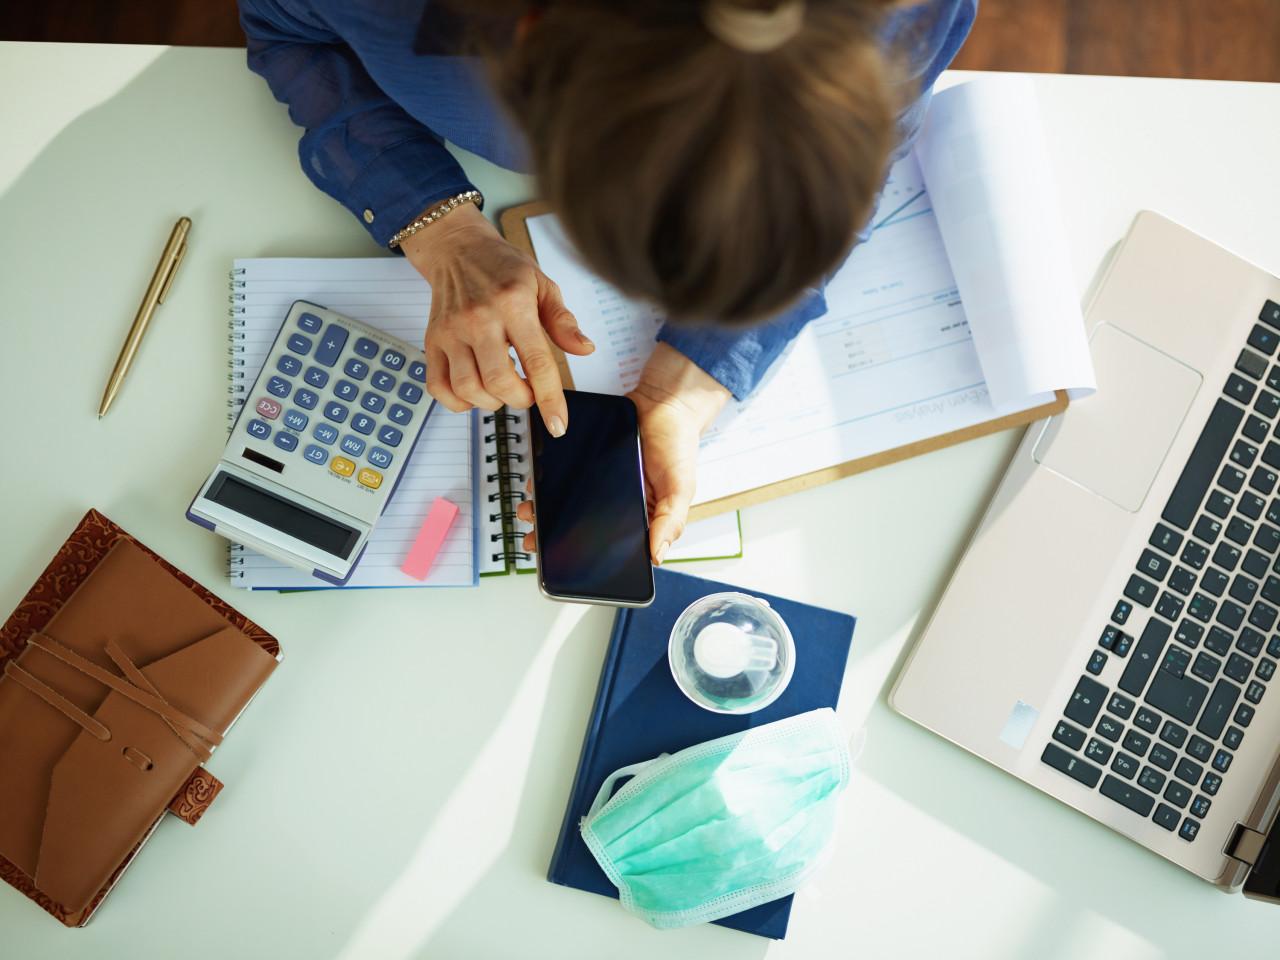 Covid-19 : les personnes vulnérables et cas contacts peuvent bénéficier des indemnités journalières sans délai de carence